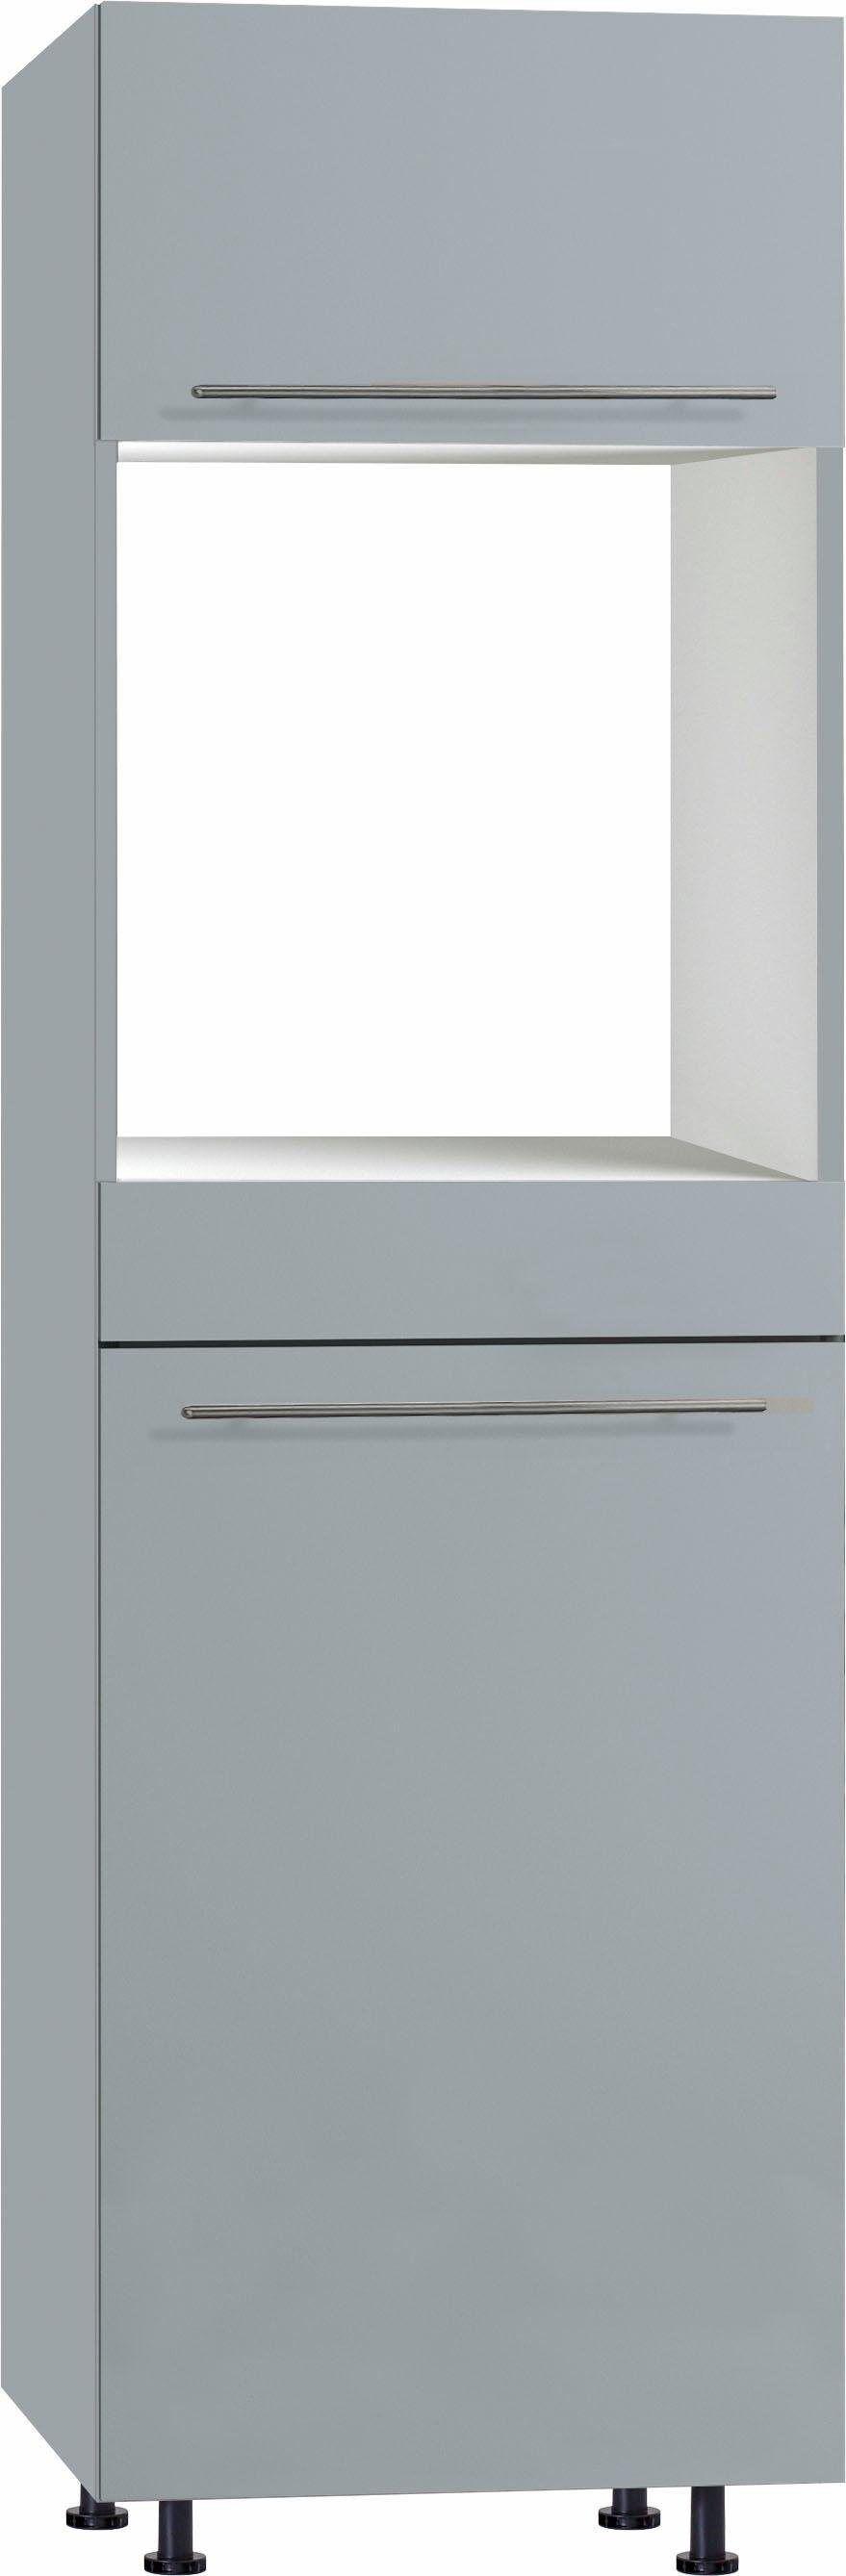 OPTIFIT Backofen/Kühlumbauschrank »Bern« 30 cm breit, 212 cm hoch, mit höhenverstellbaren Stellfüßen, mit Metallgriffen, basaltgrau/basaltgrau